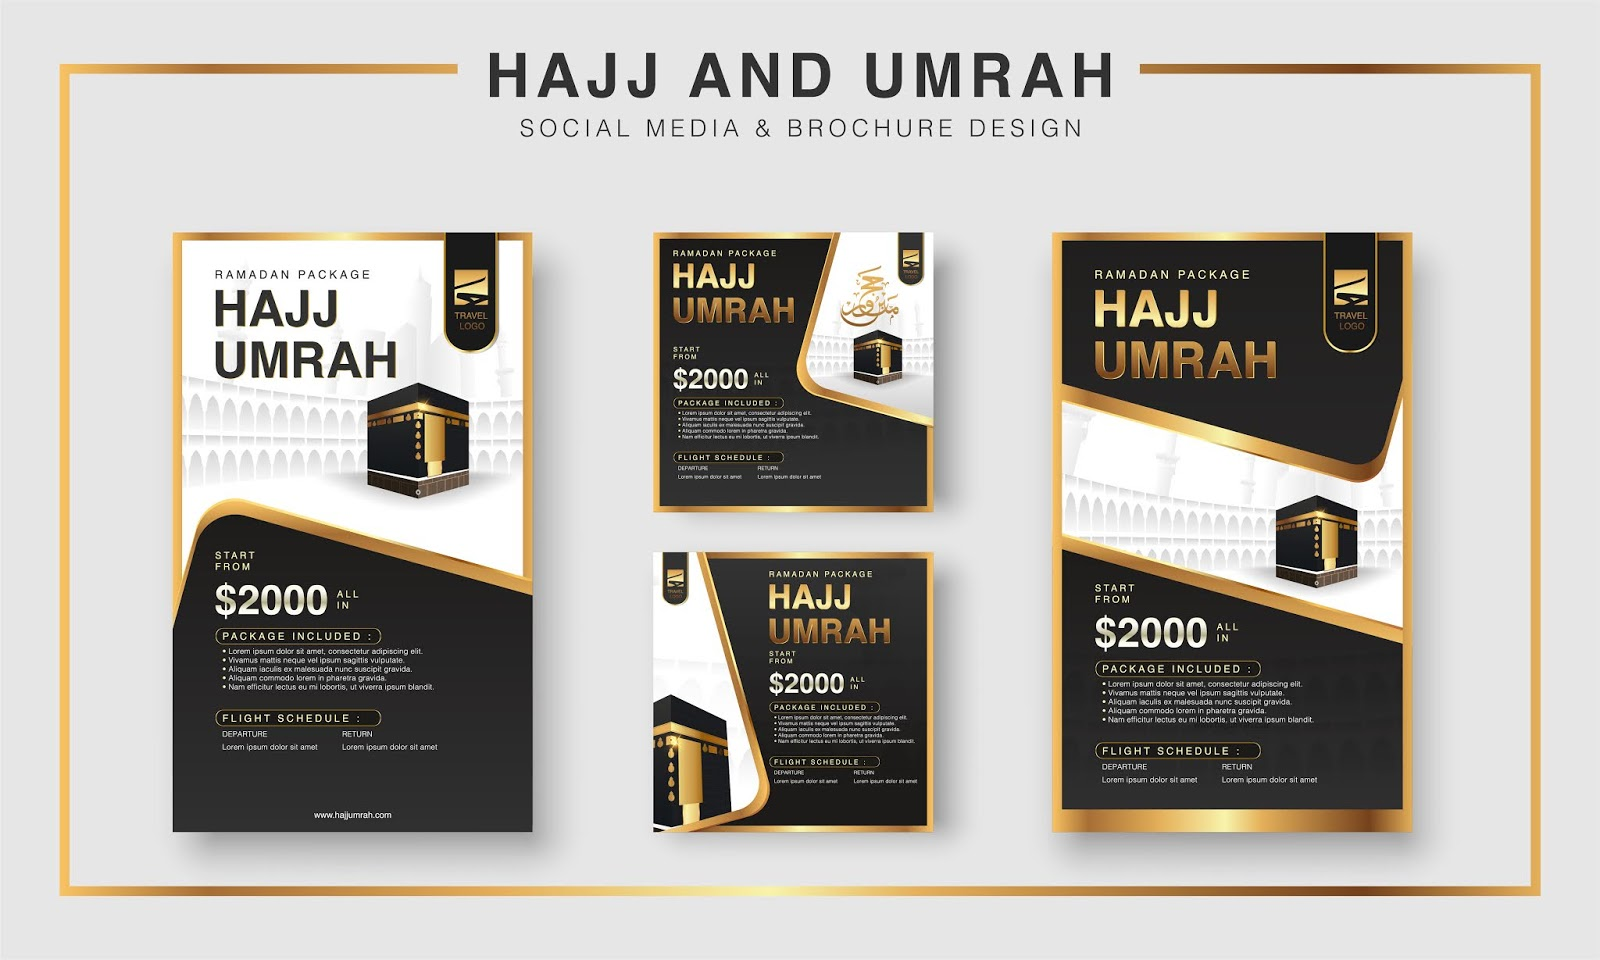 اجمل تجميعة تصاميم اسلامية الحج والعمرة تصاميم مفتوحة المصدر باعلى جودة